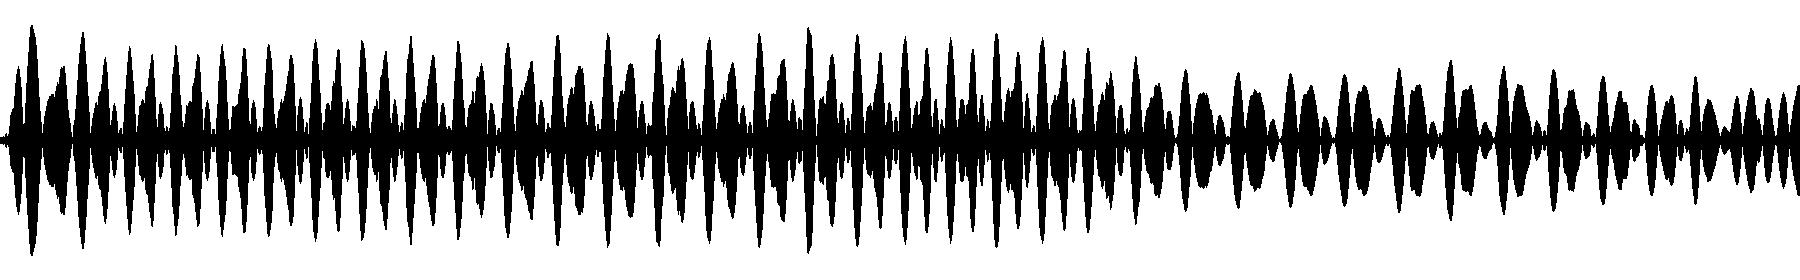 gia sound 05 e2